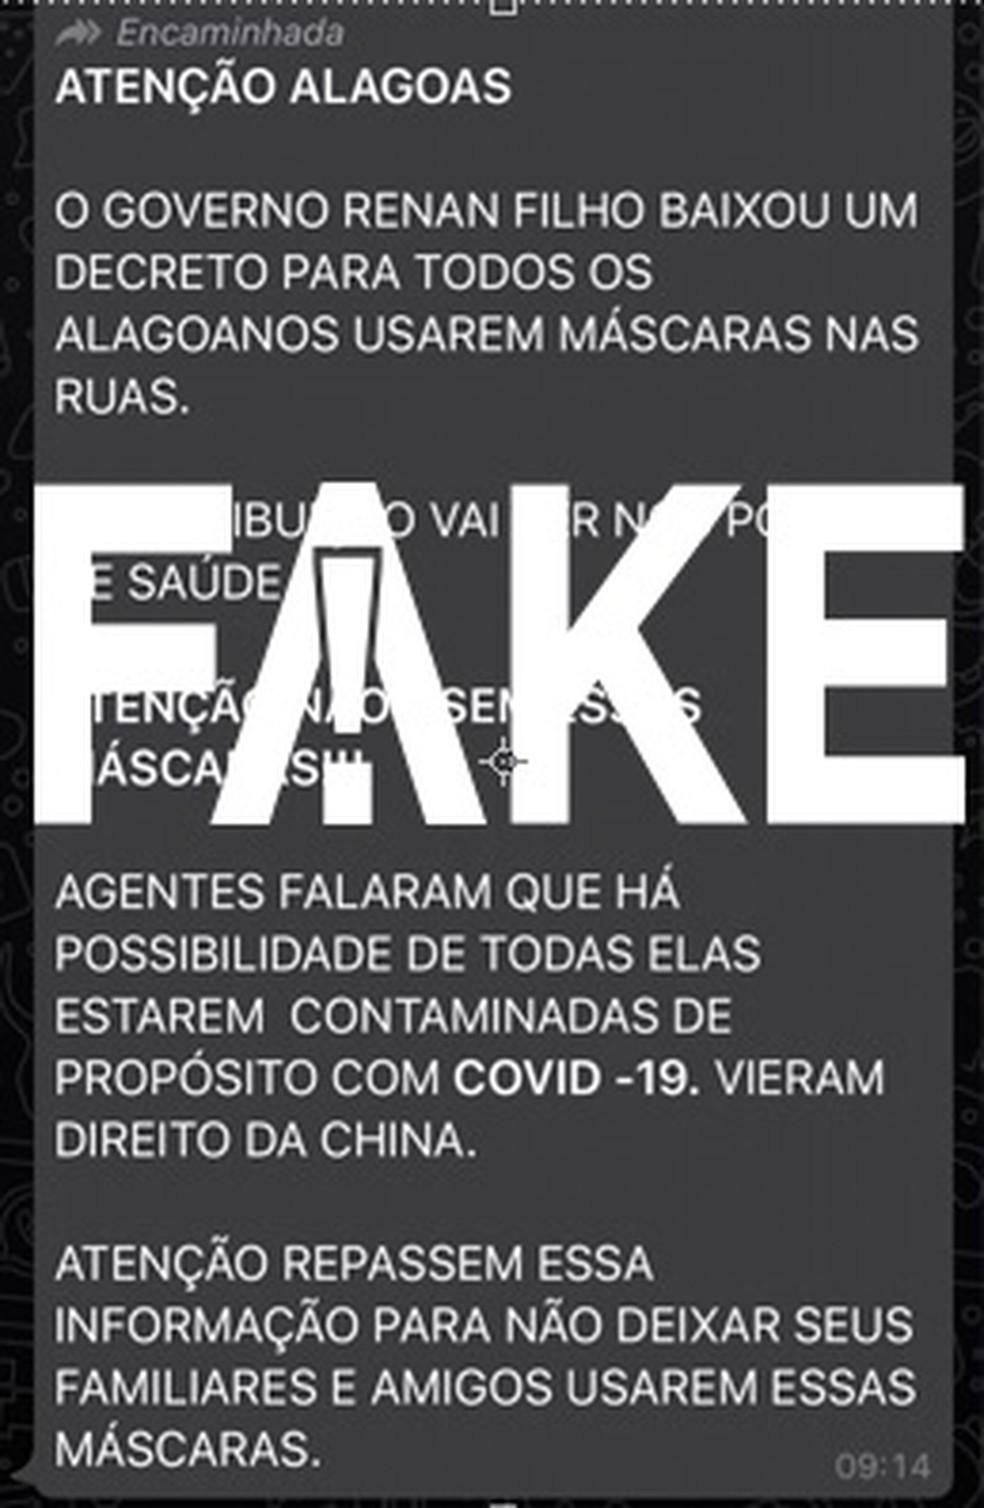 Mensagem falsa que circula em Alagoas — Foto:  G1